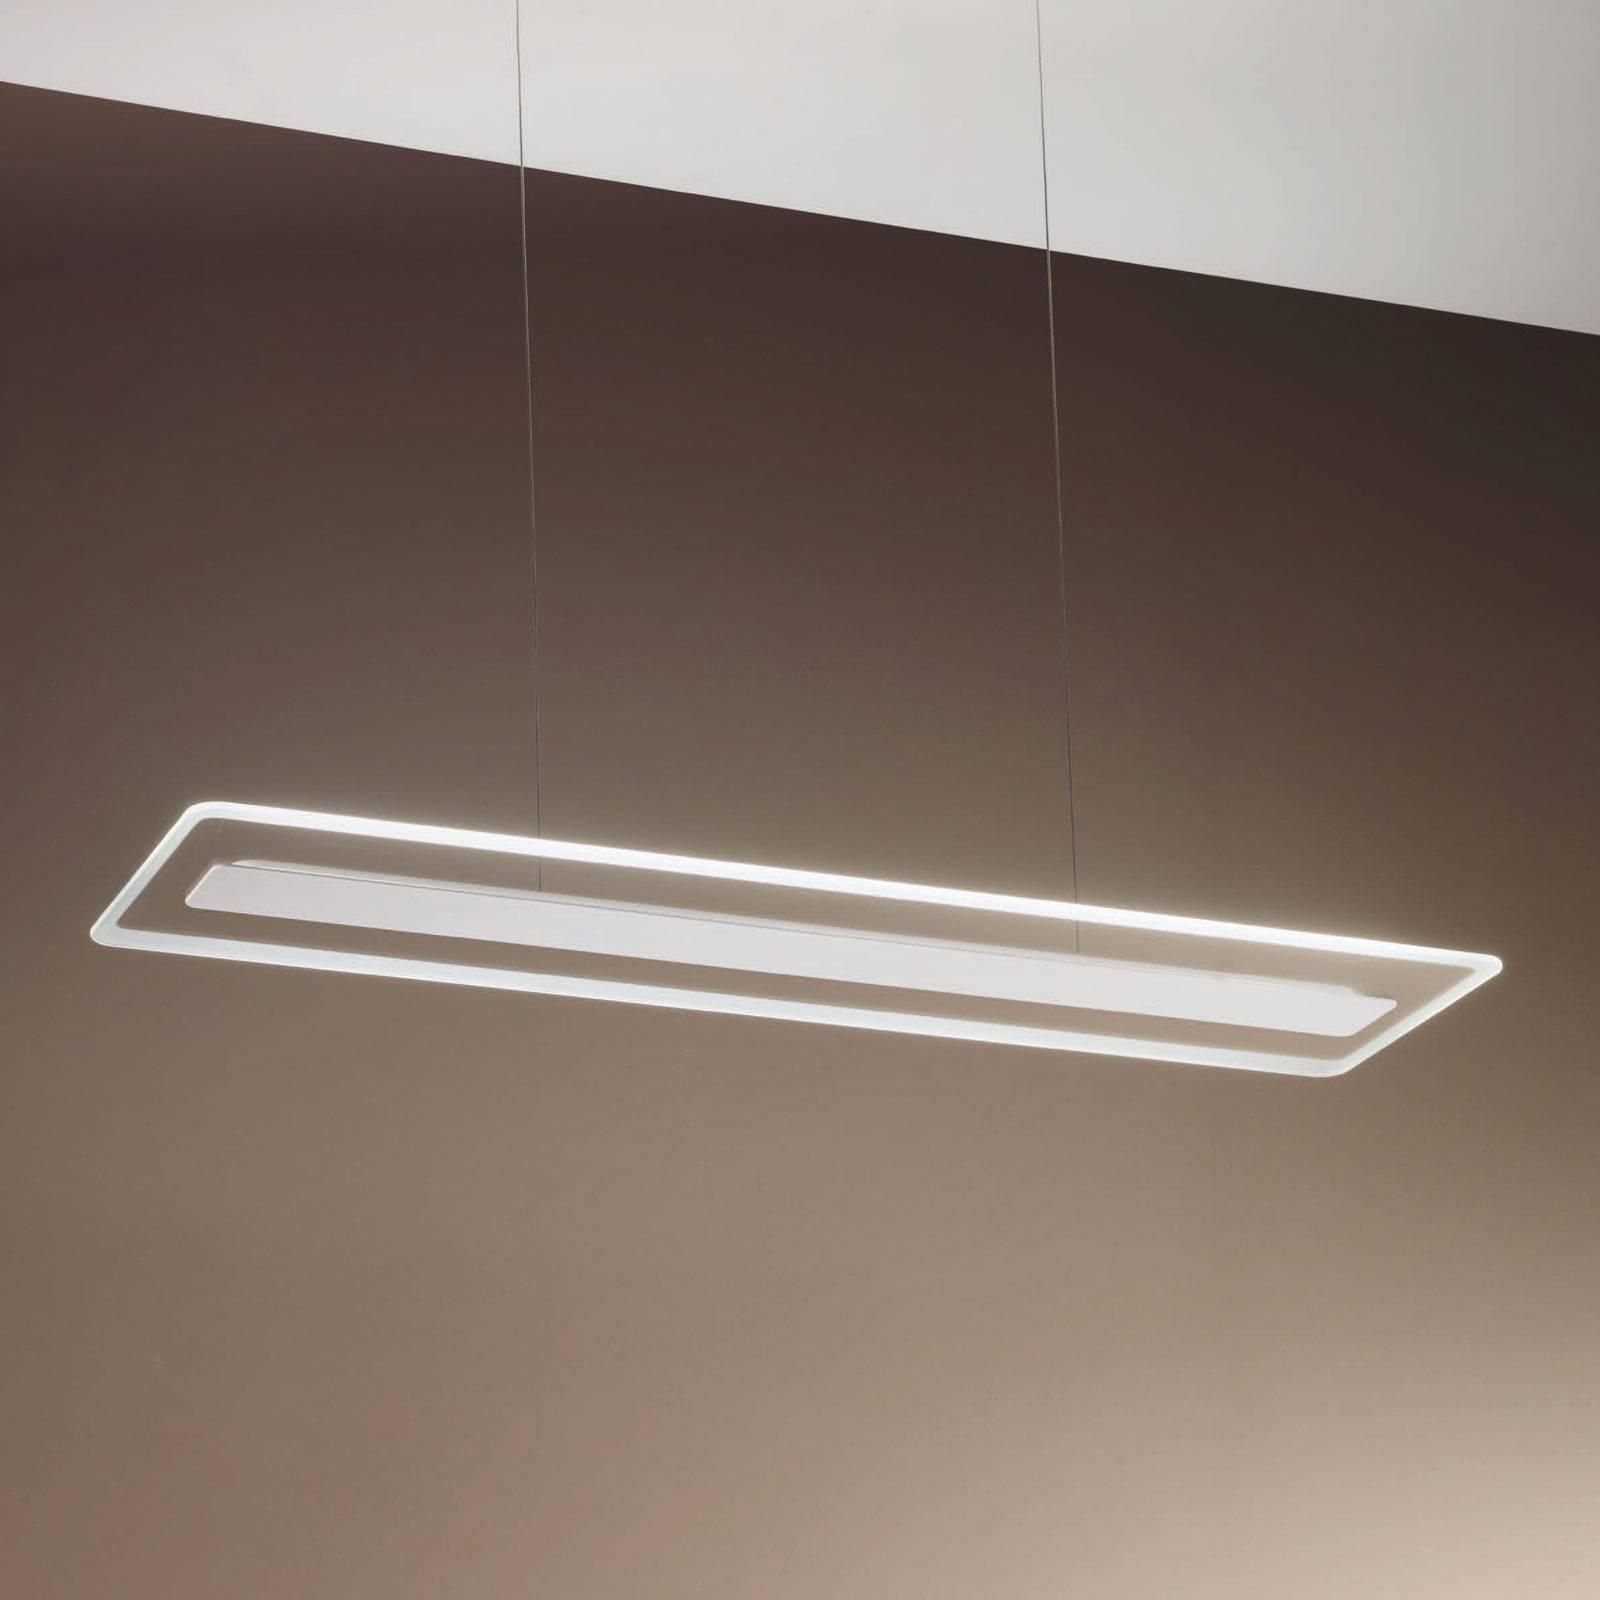 Suspension LED Antille verre rectangulaire blanche